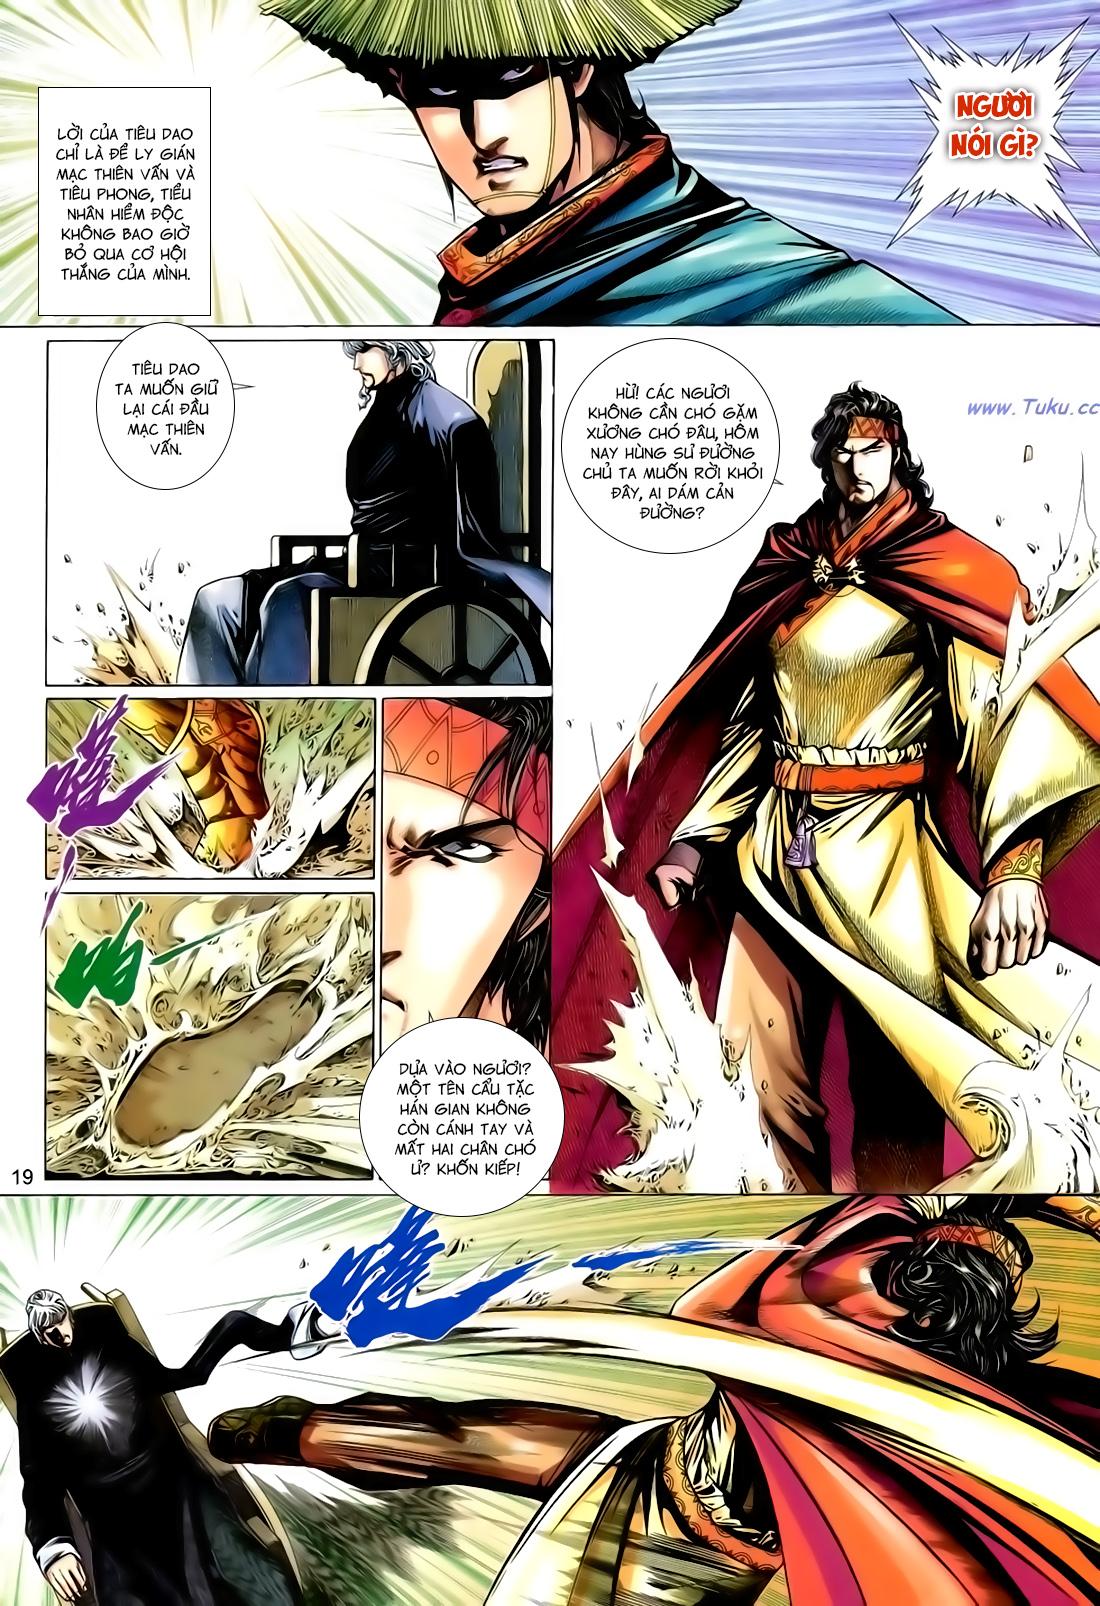 Anh Hùng Vô Lệ Chap 167 - Trang 19